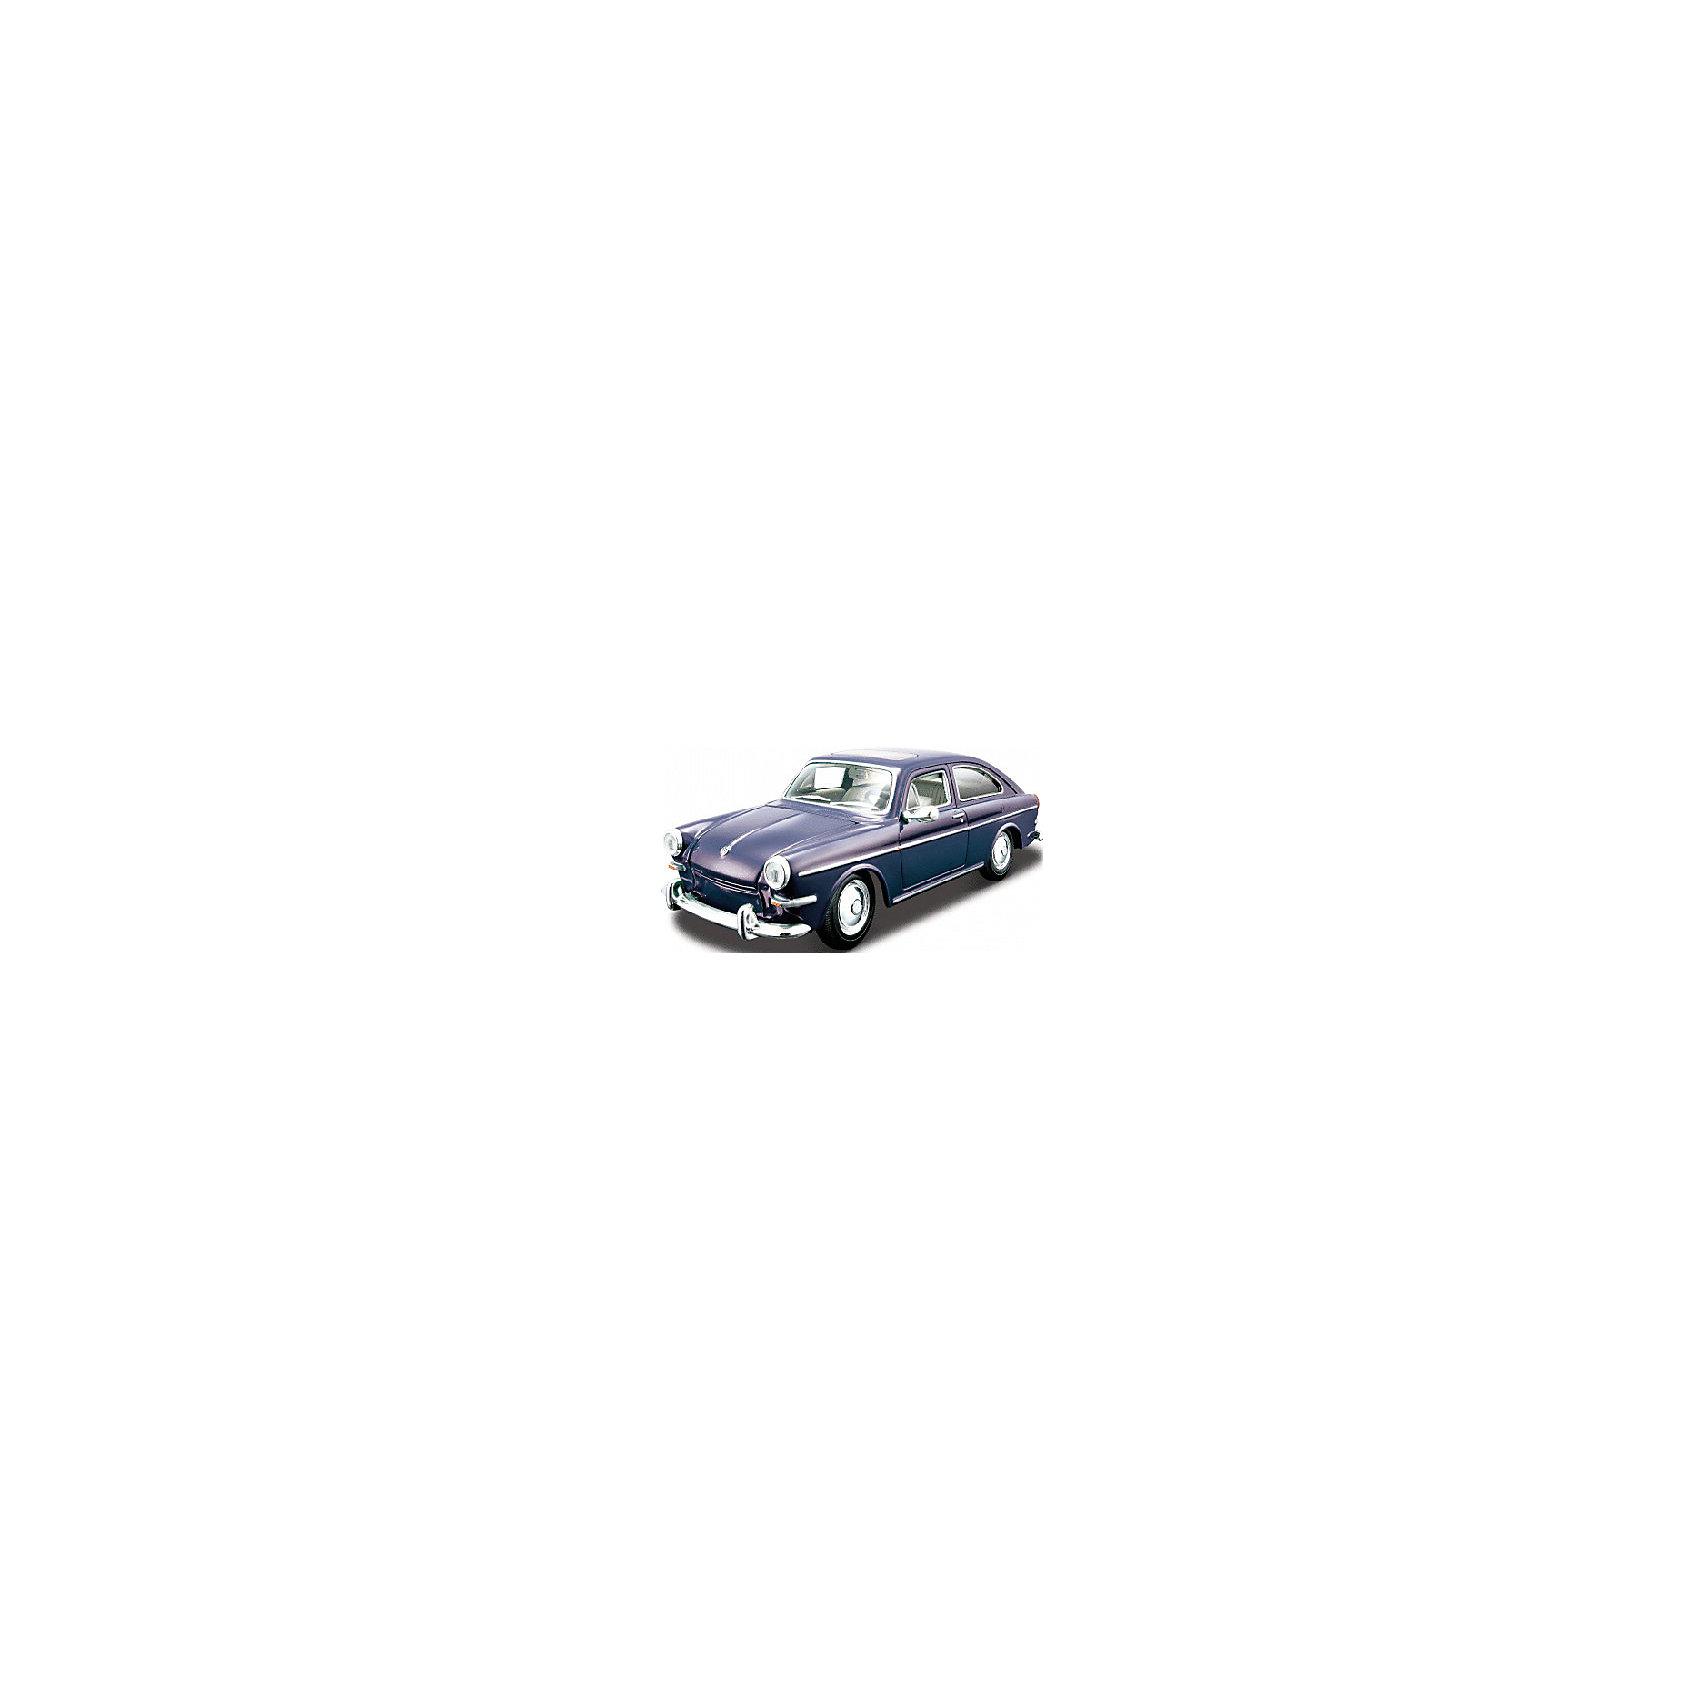 Maisto Фольксваген 1600 Fastback 1:24, Maisto хочу фольксваген т4 в брянске и области